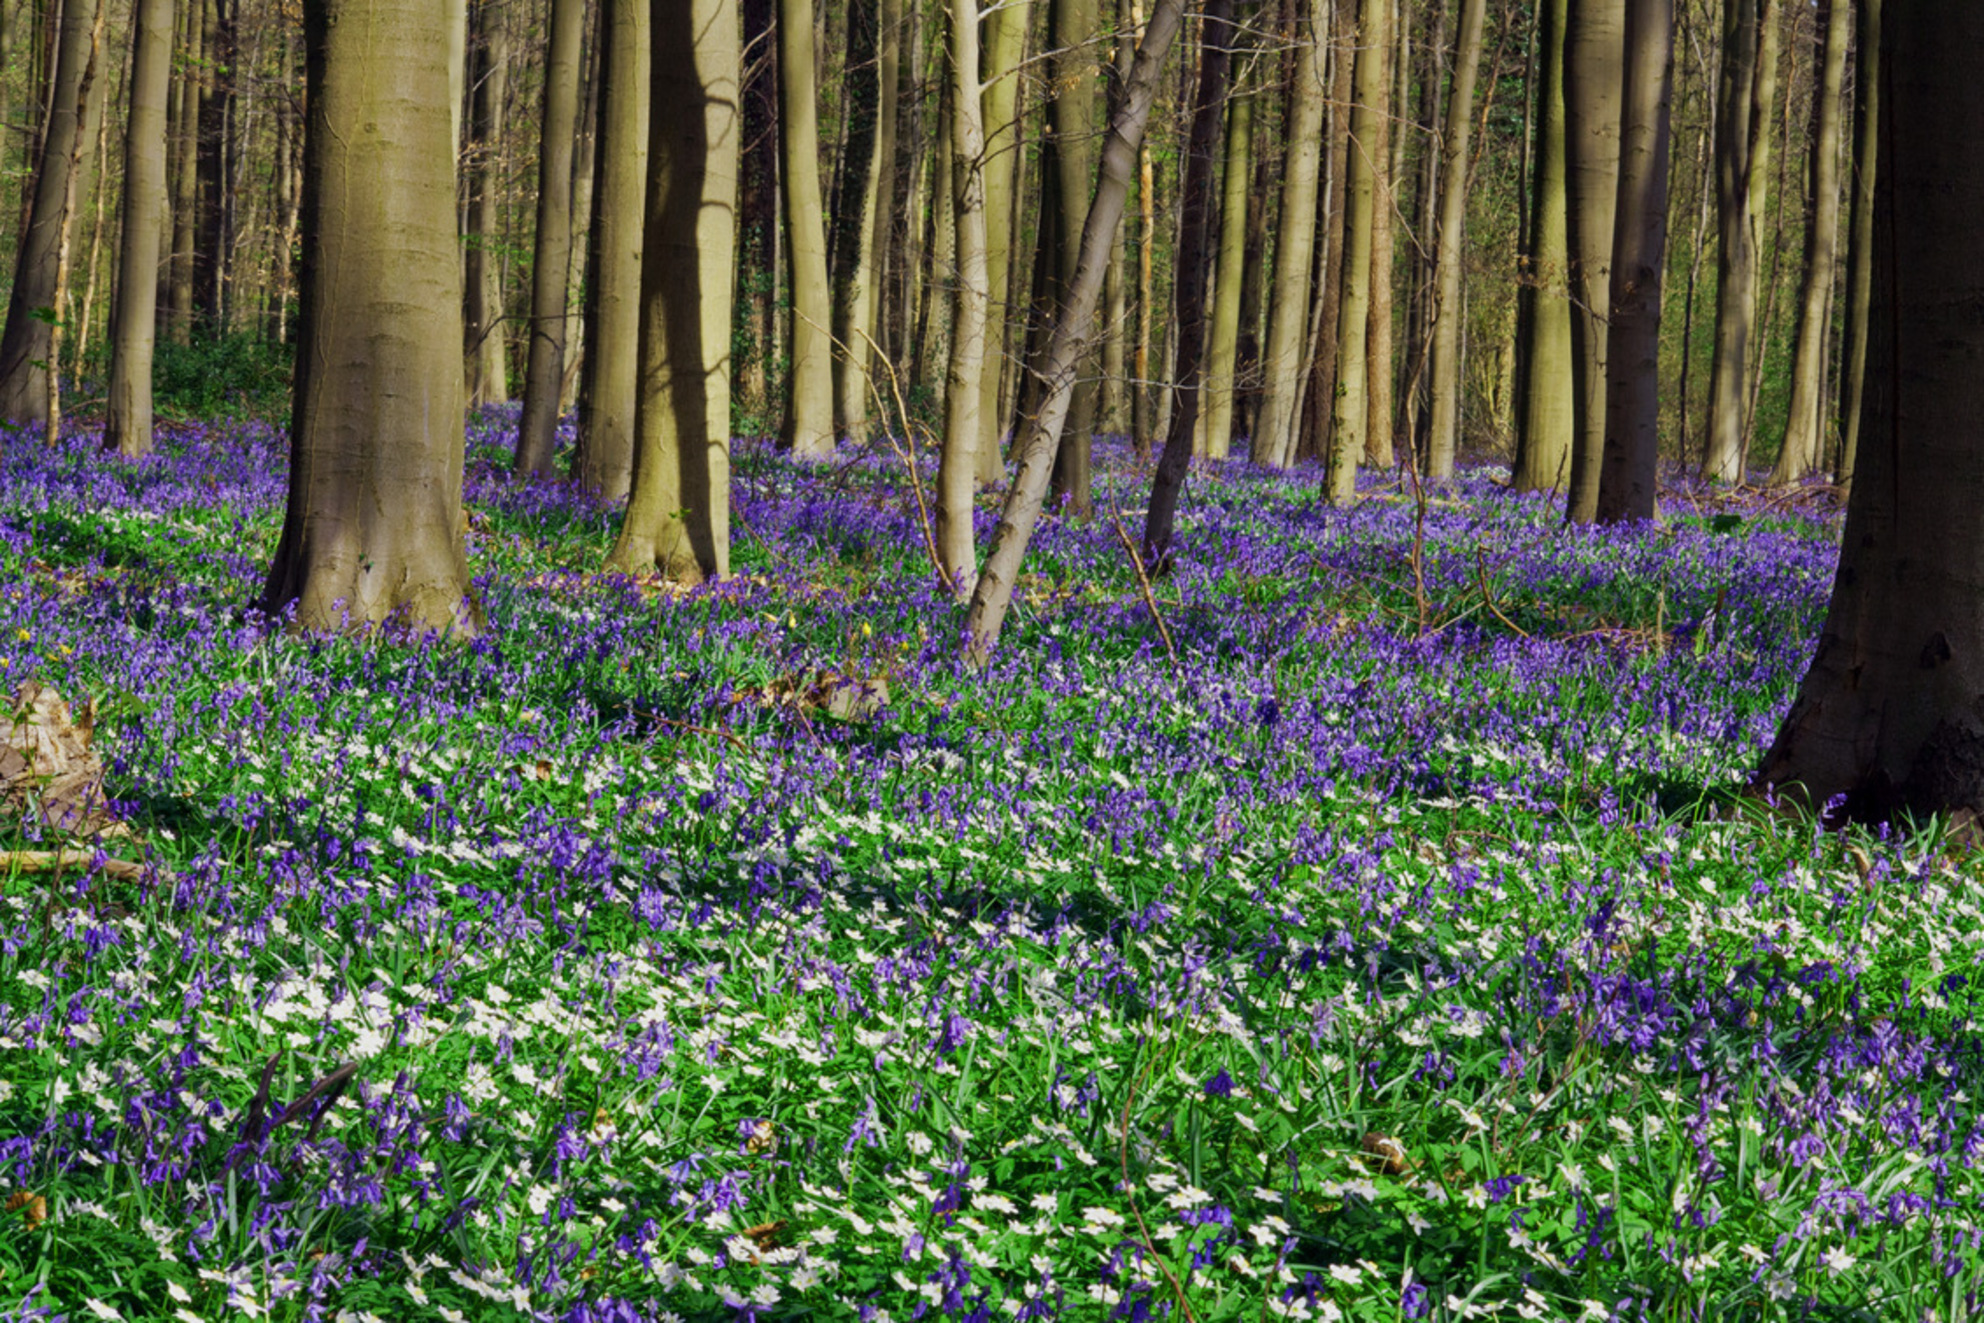 hallerbos - Hallerbos - foto door edpeel op 02-12-2015 - deze foto bevat: bloem, natuur, landschap, bos, voorjaar, hallerbos - Deze foto mag gebruikt worden in een Zoom.nl publicatie